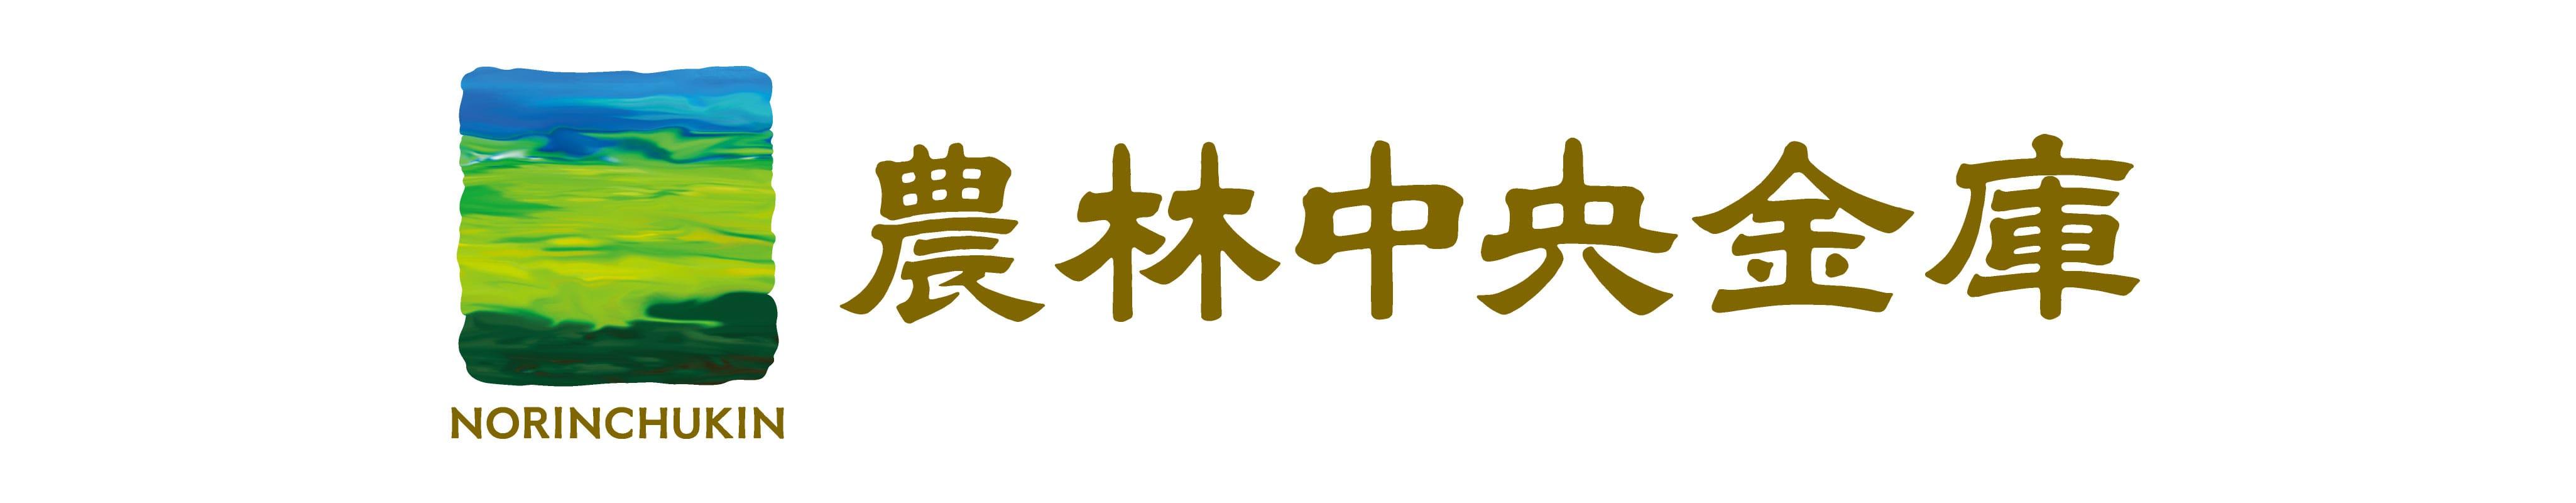 農林中央金庫・ロゴ画像